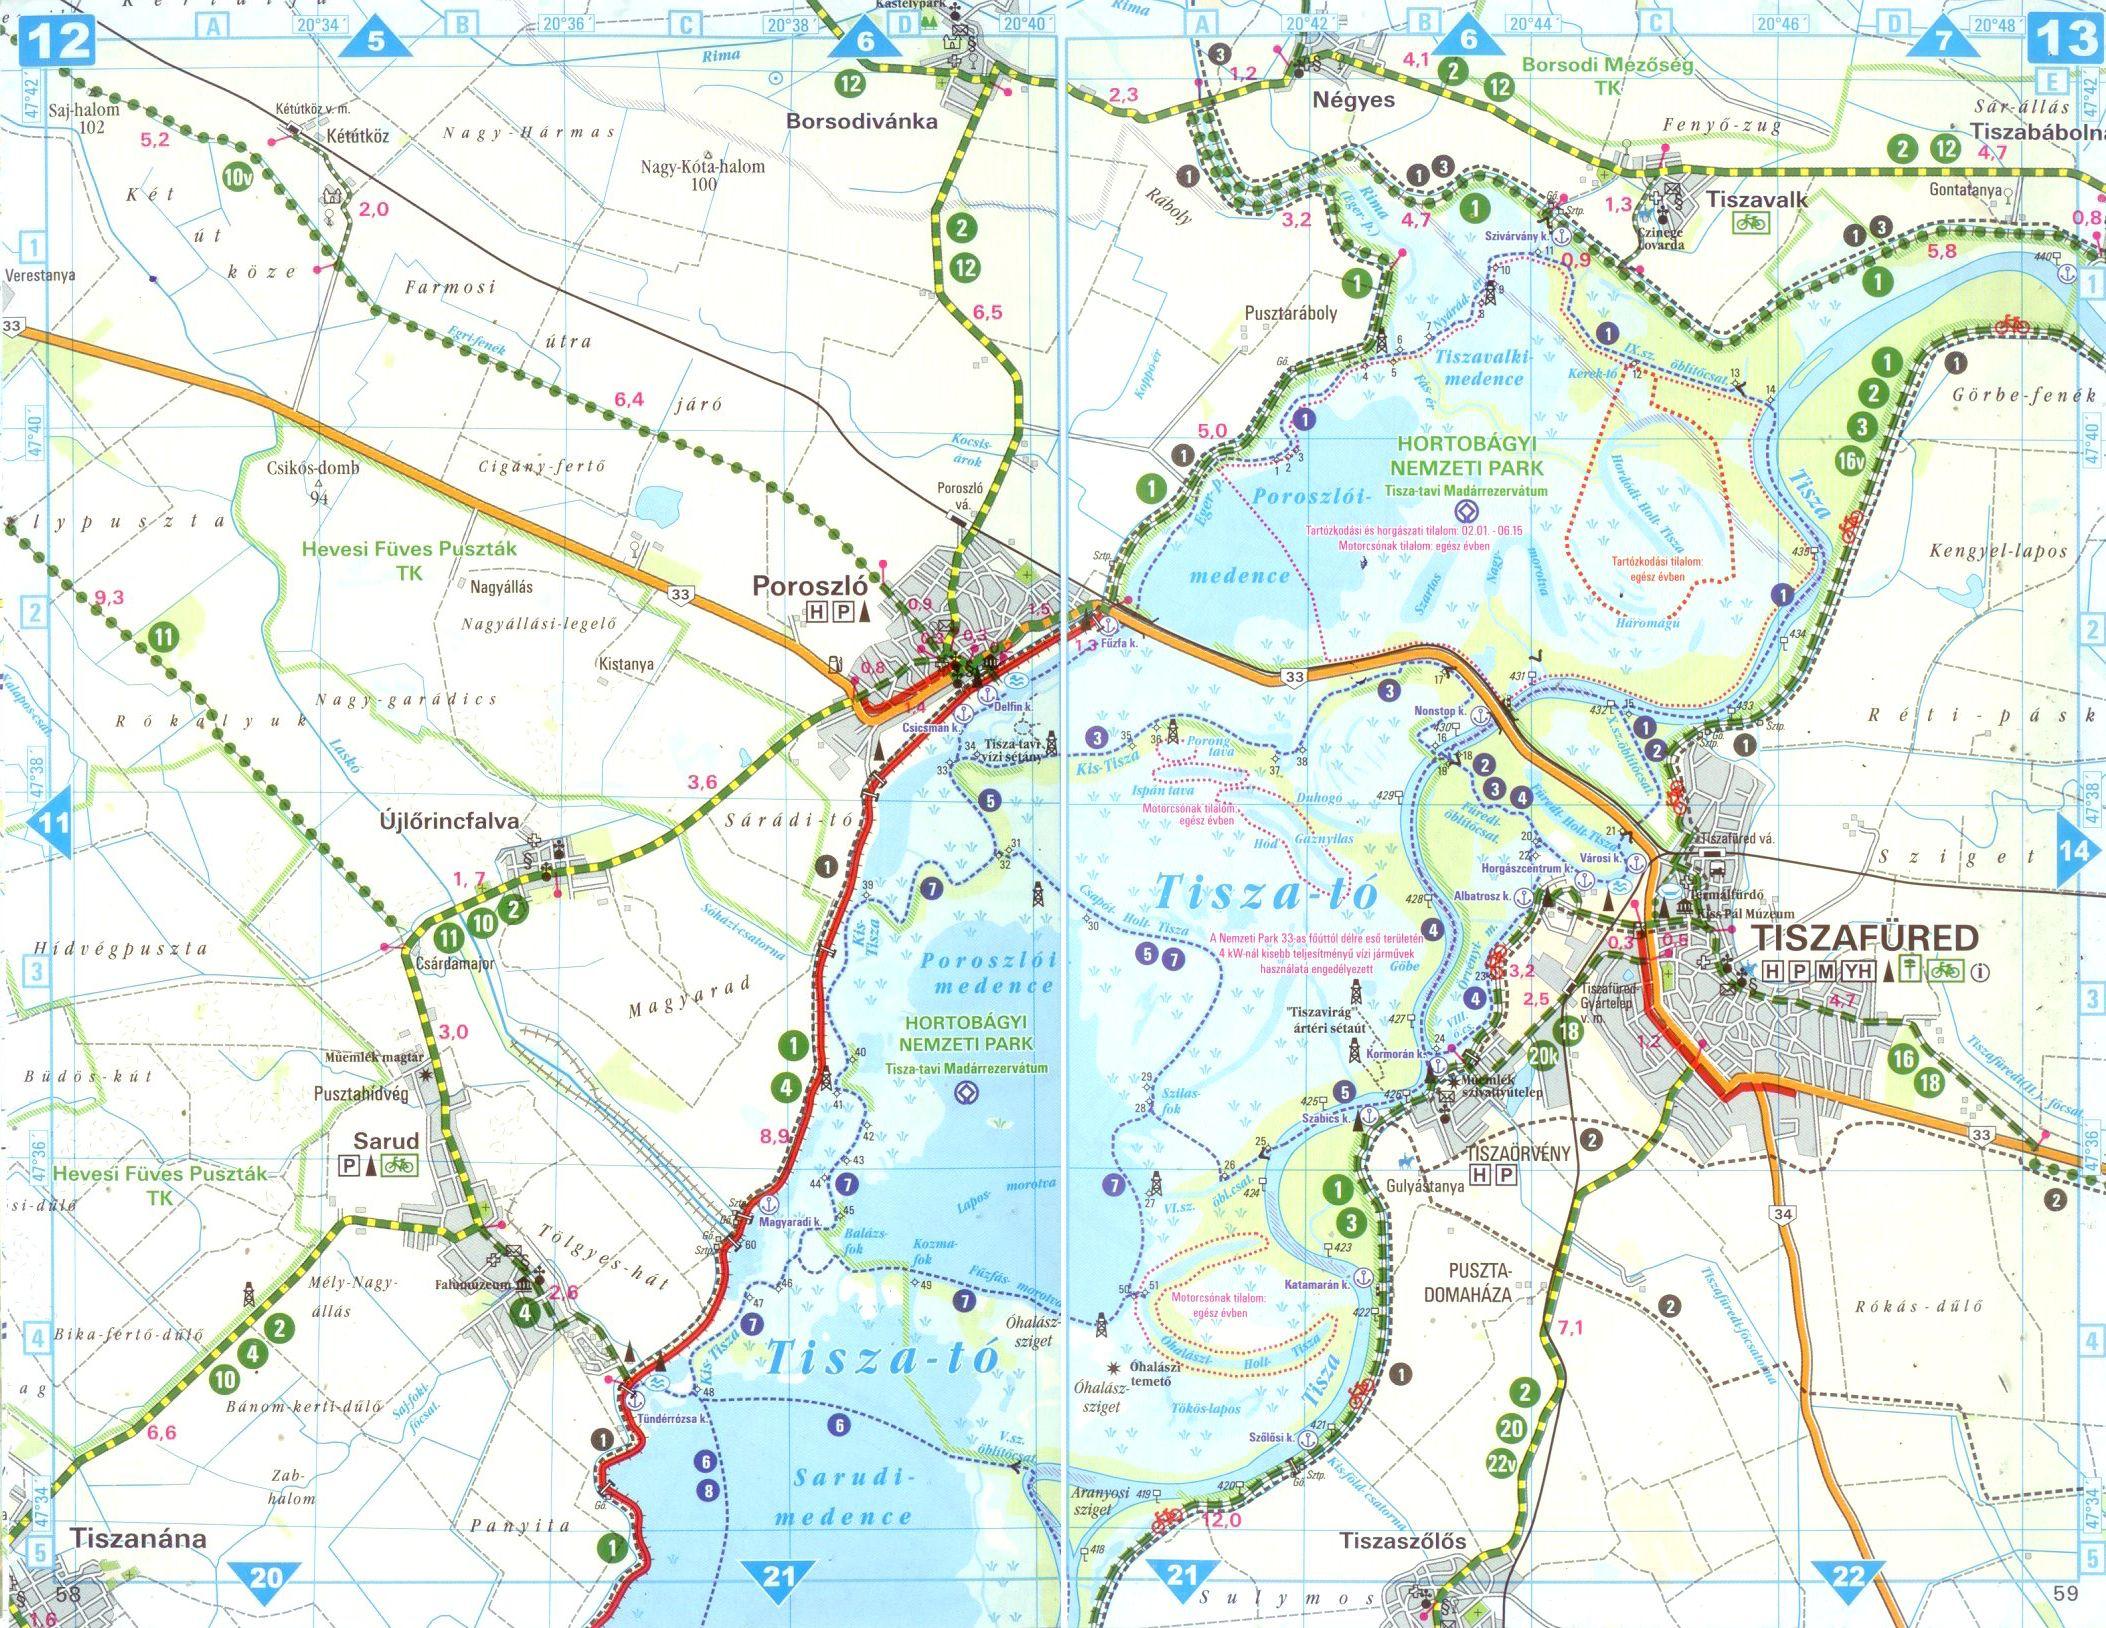 Tisza-tó, Hortobágy biciklis atlasz térkép minta